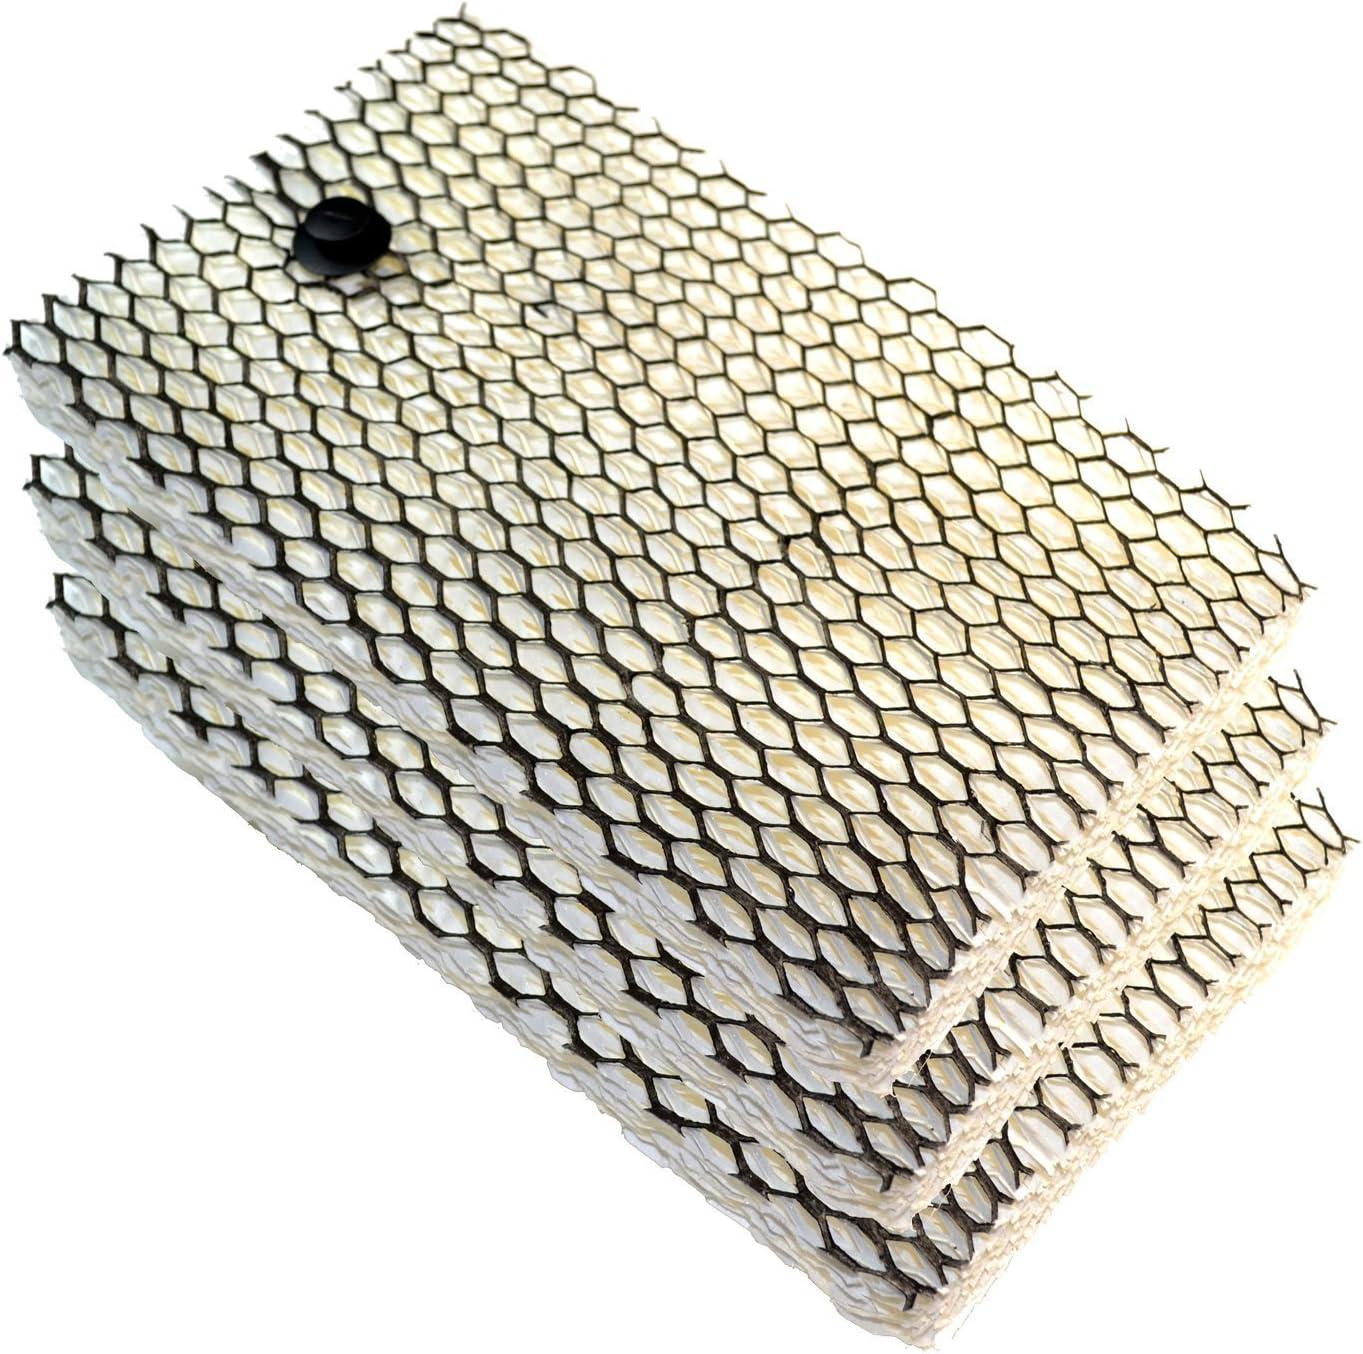 BCM7204 BCM7207 BCM7203 HQRP Sous-verre BCM7203RC BCM7255 Humidificateurs HQRP Paquet de 3 filtres pour Bionaire BCM630 BCM7205 BCM4600 BCM4655